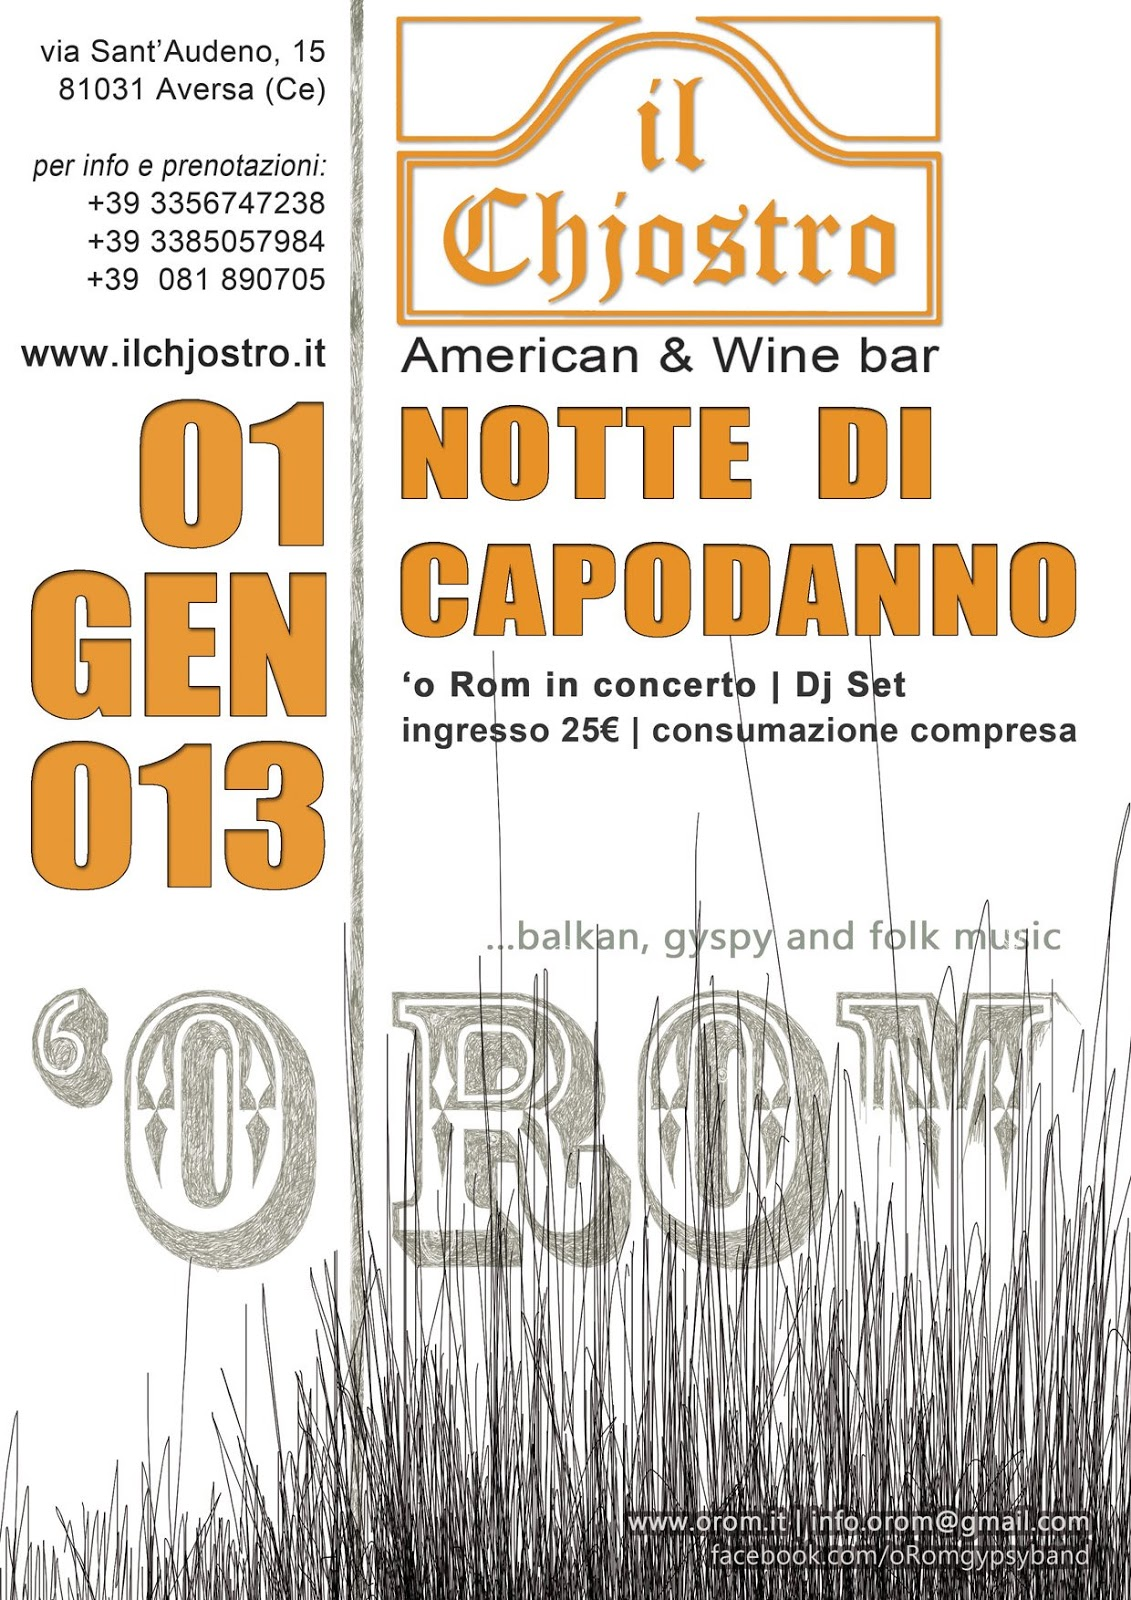 8ef70d6f8a Lunedì 31 dicembre al Chjostro di Aversa la formazione balcanico-partenopea  accoglierà il 2013 con un nuovo concerto! Dopo una ricca estate dal vivo,  ...